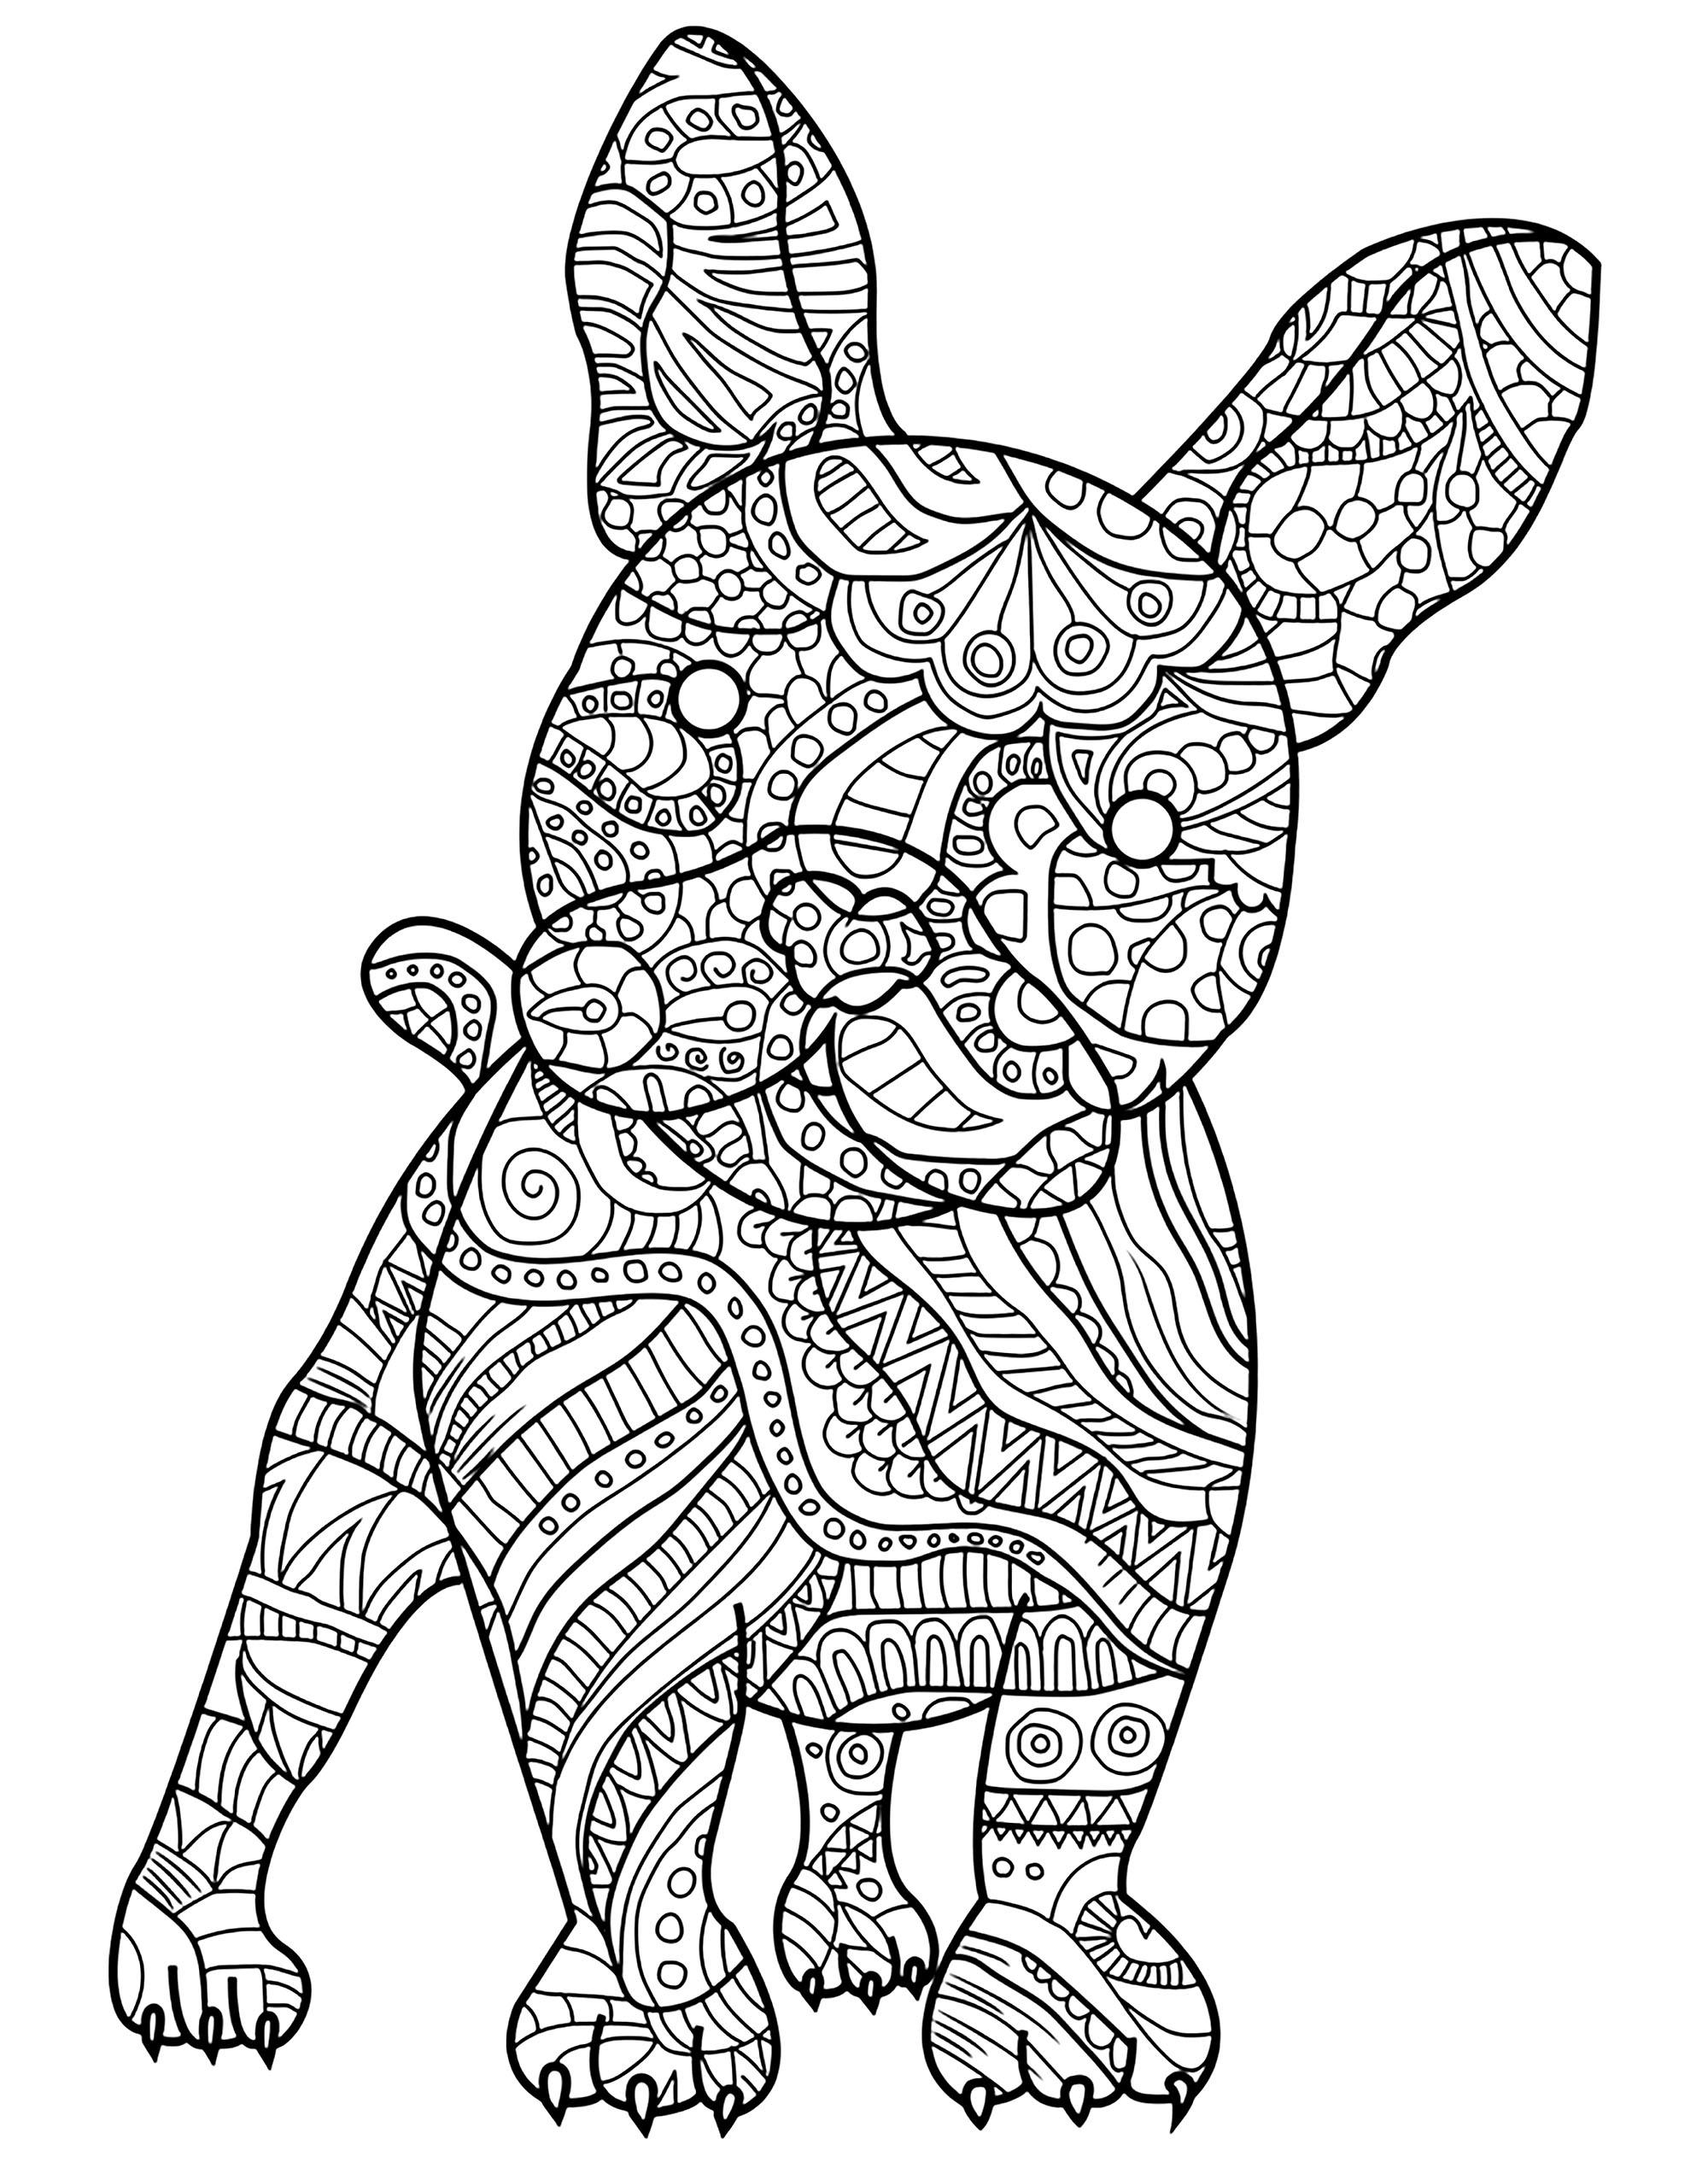 Bulldog français et son petit corps musclé rempli de jolis motifs